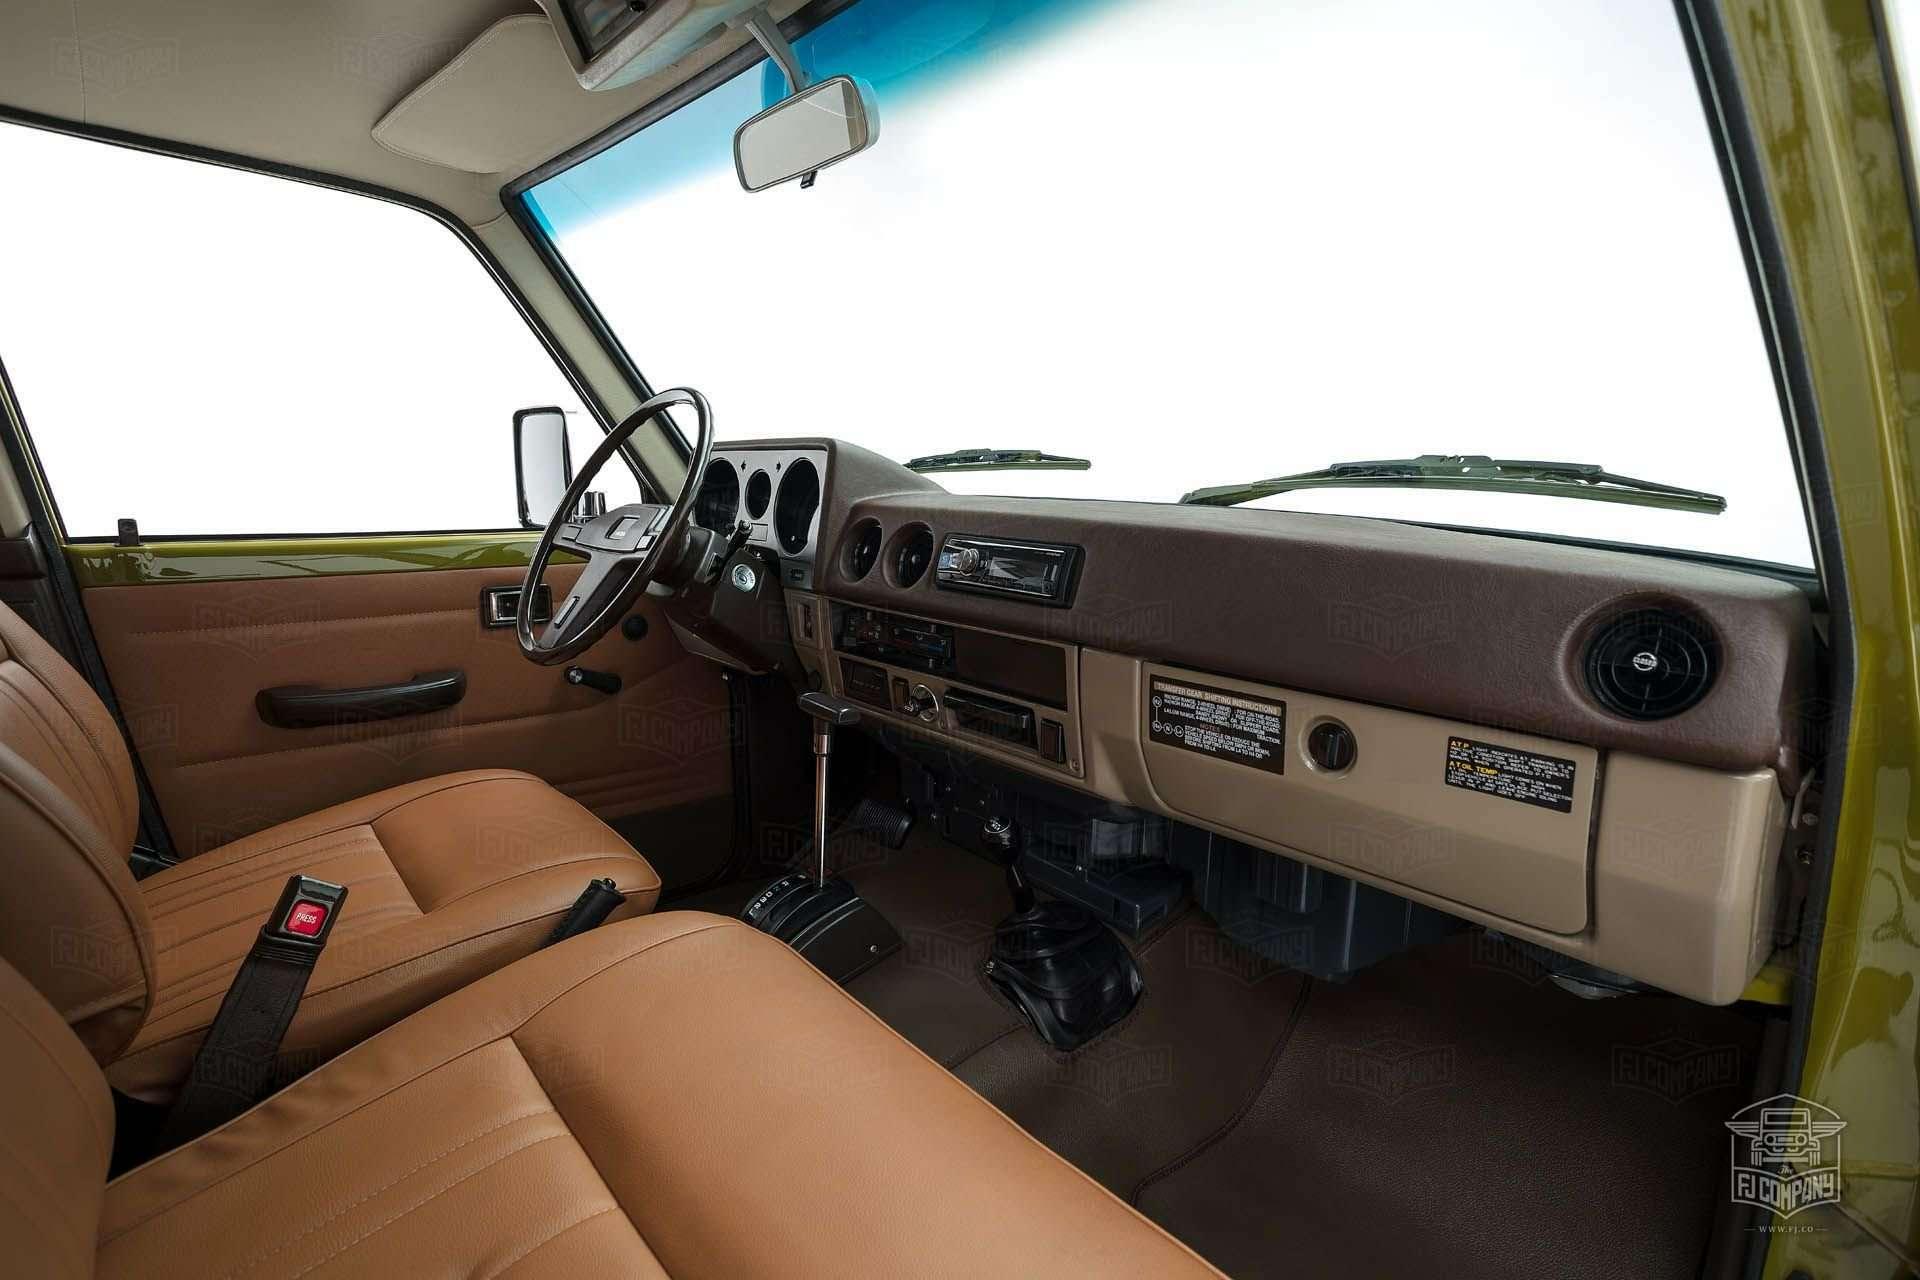 Абсолютно новый Toyota Land Cruiser 1986 года. Да, такое бывает!— фото 877231